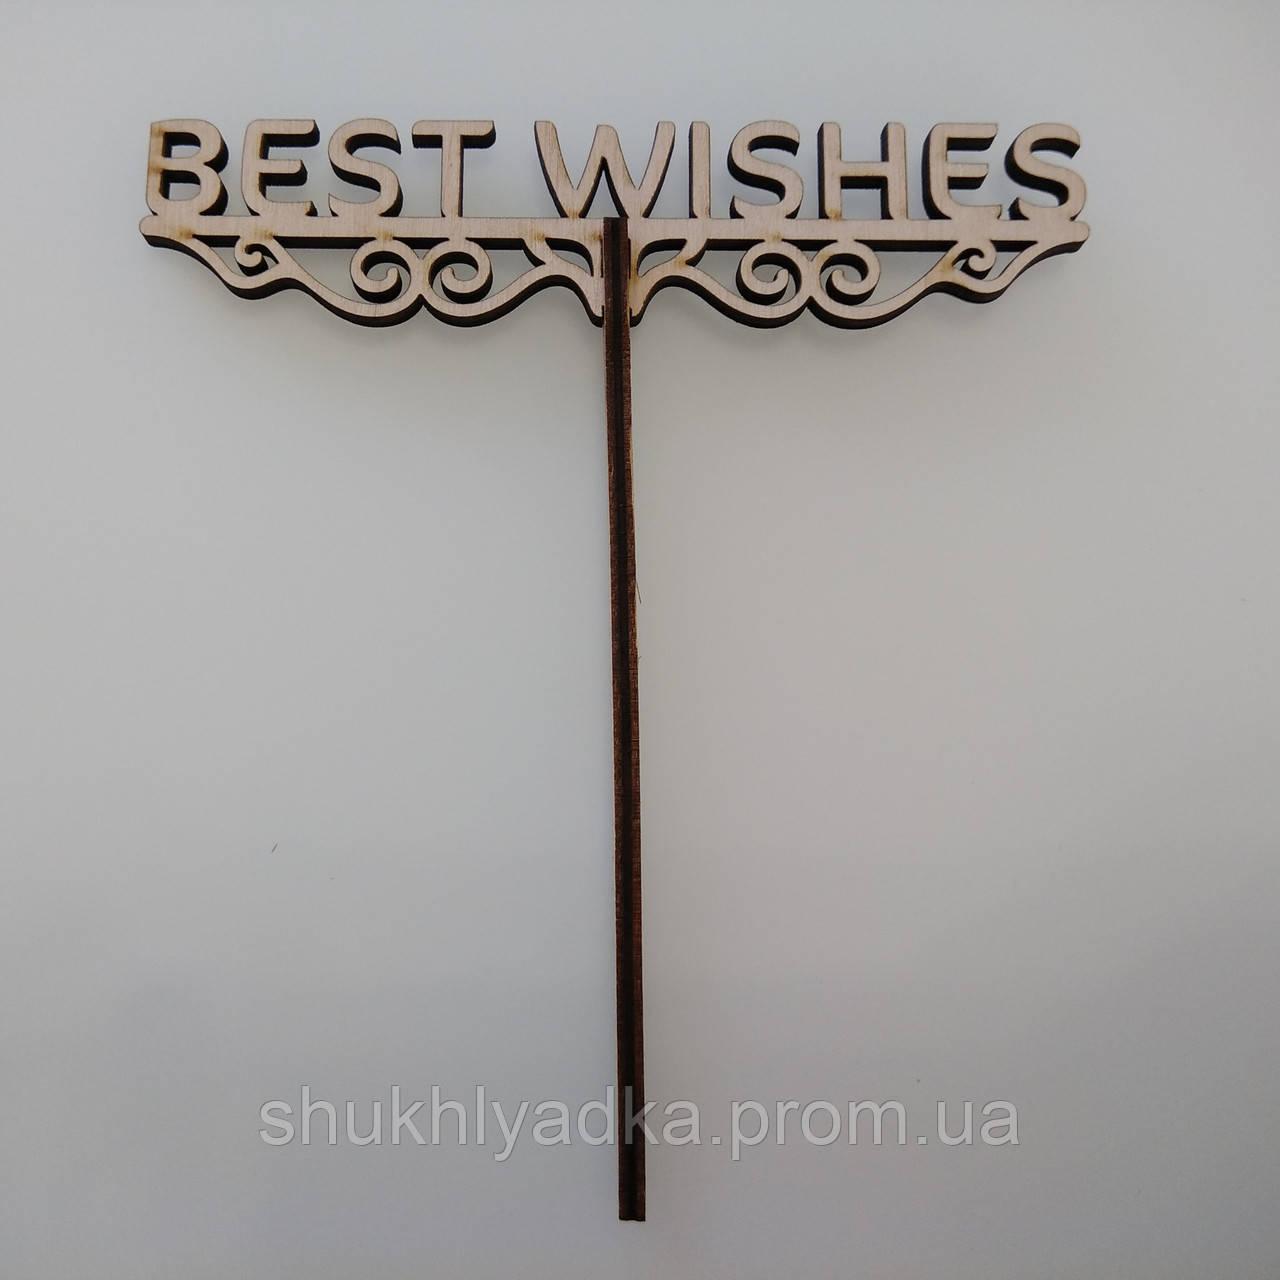 Best wishes_черта